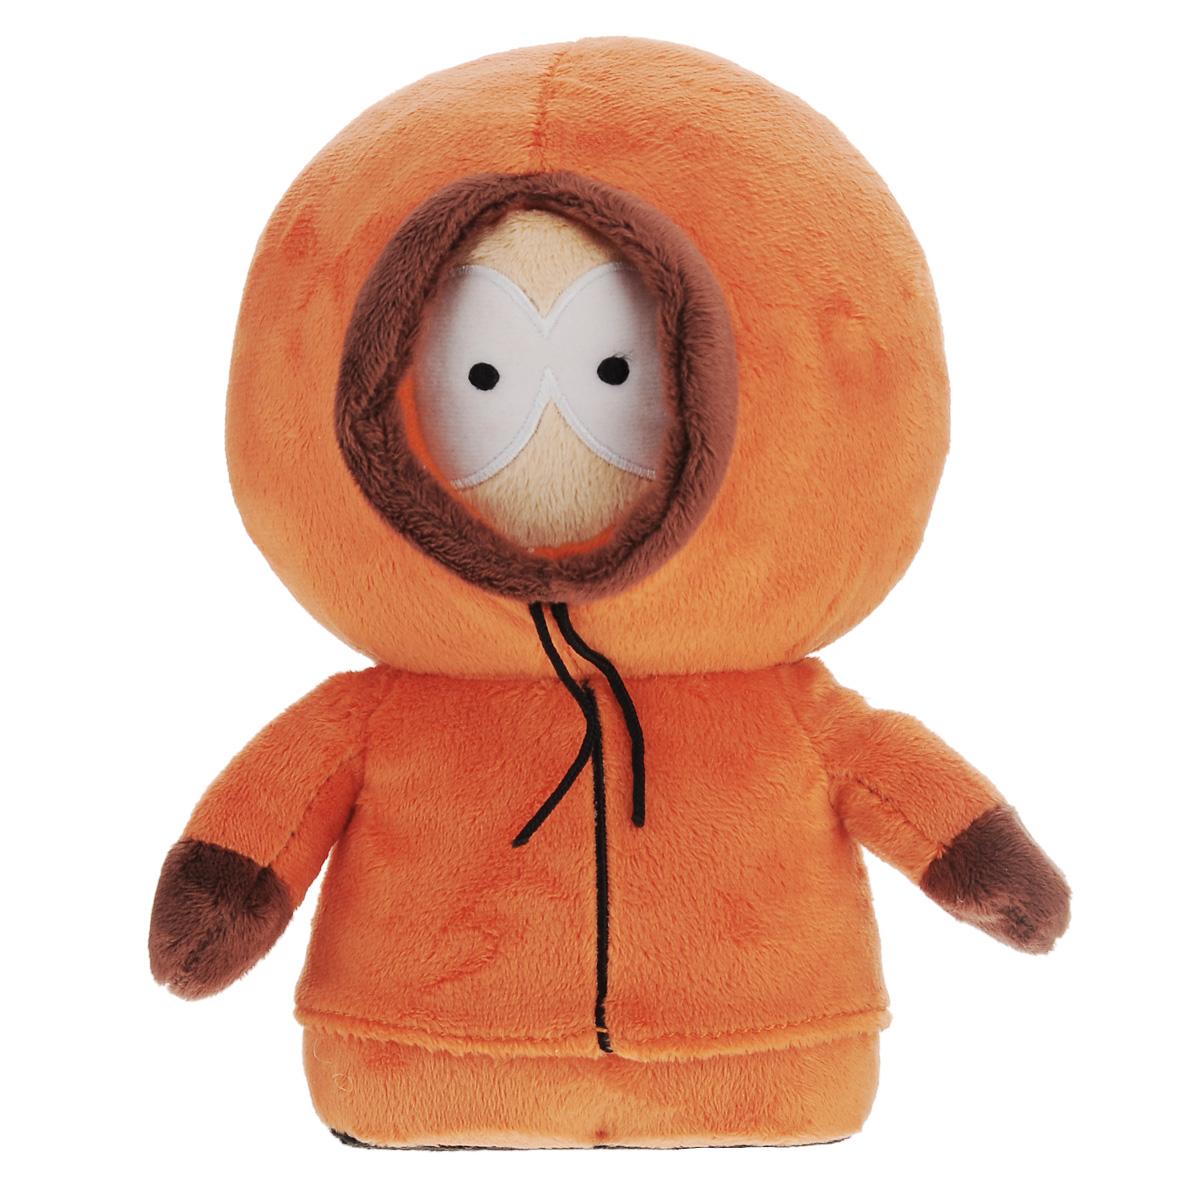 Мягкая озвученная игрушка South Park Кенни, 22 смТ57483Оригинальная мягкая игрушка выполнена в виде Кенни - персонажа американского мультсериала Южный парк(South Park). При нажатии на левую ладонь игрушки воспроизводится одна из 10 знаменитых фраз Кенни или песенка из мультсериала. Содержит ненормативную лексику. Мягкая озвученная игрушка South Park Кенни придется по душе поклоннику Южного парка! Южный парк - второй по длительности анимационный сериал в истории американского телевидения. Сериал выходит поздно вечером и позиционируется как мультфильм для взрослых. Рекомендуется докупить 3 батарейки напряжением 1,5V типа ААА (товар комплектуется демонстрационными).